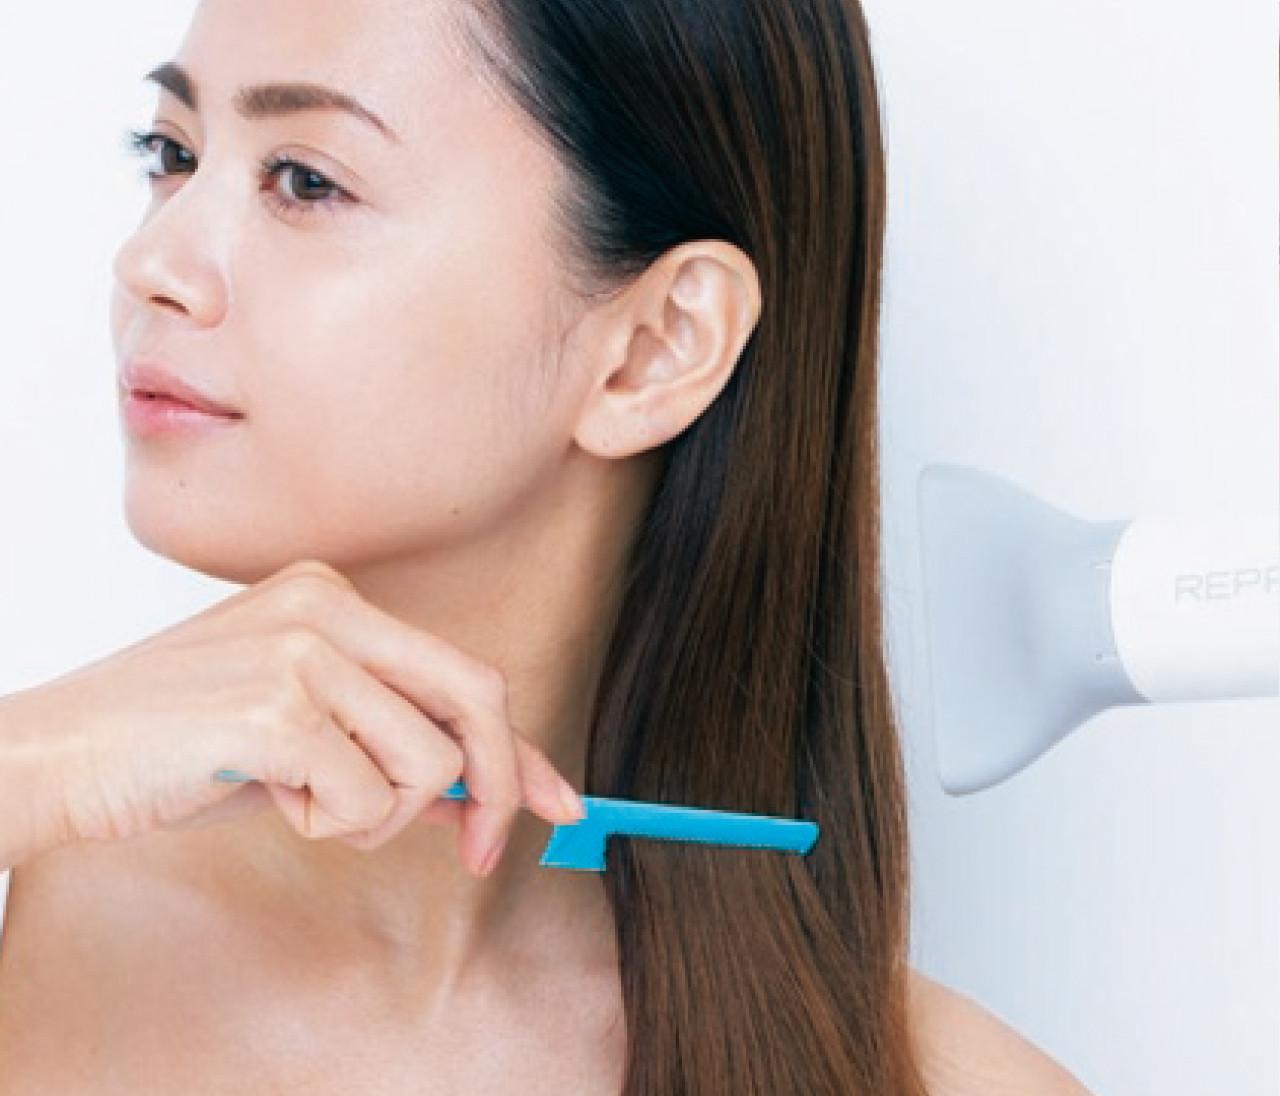 髪のうねり・クセ毛を抑える、シャンプー後のひとテクを伝授!【2020-2021厄払い美容12】